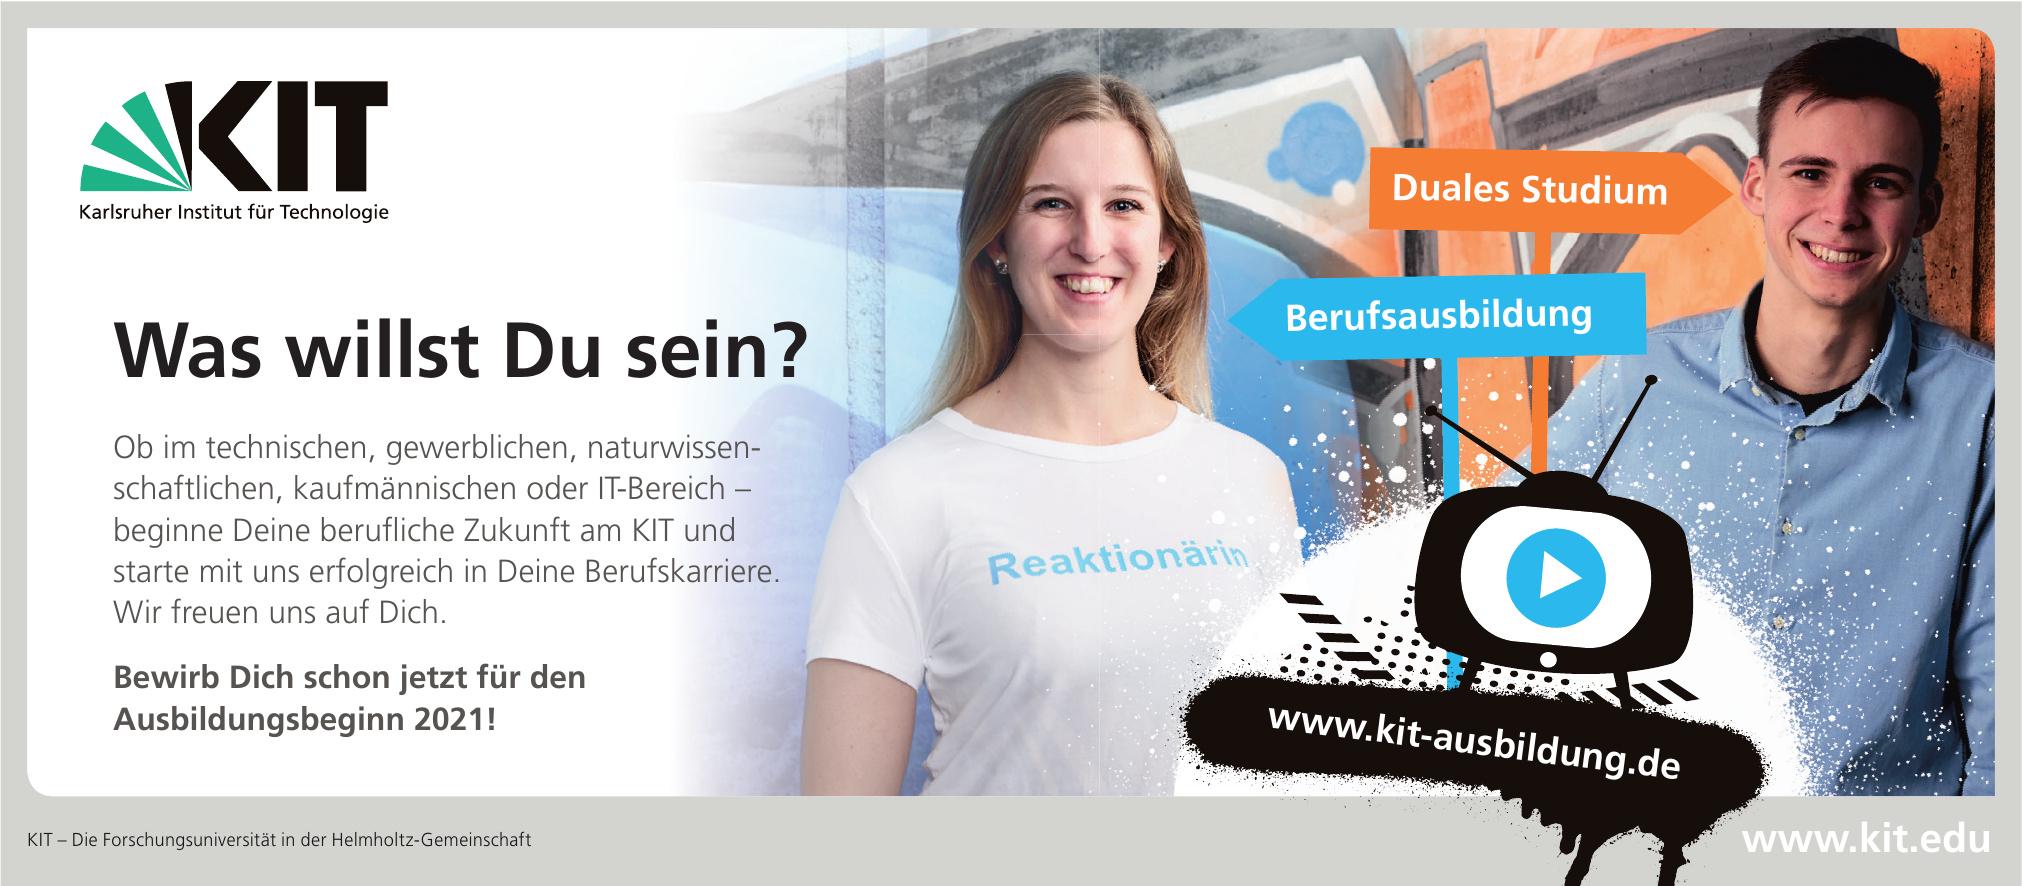 KIT – Die Forschungsuniversität in der Helmholtz-Gemeinschaft